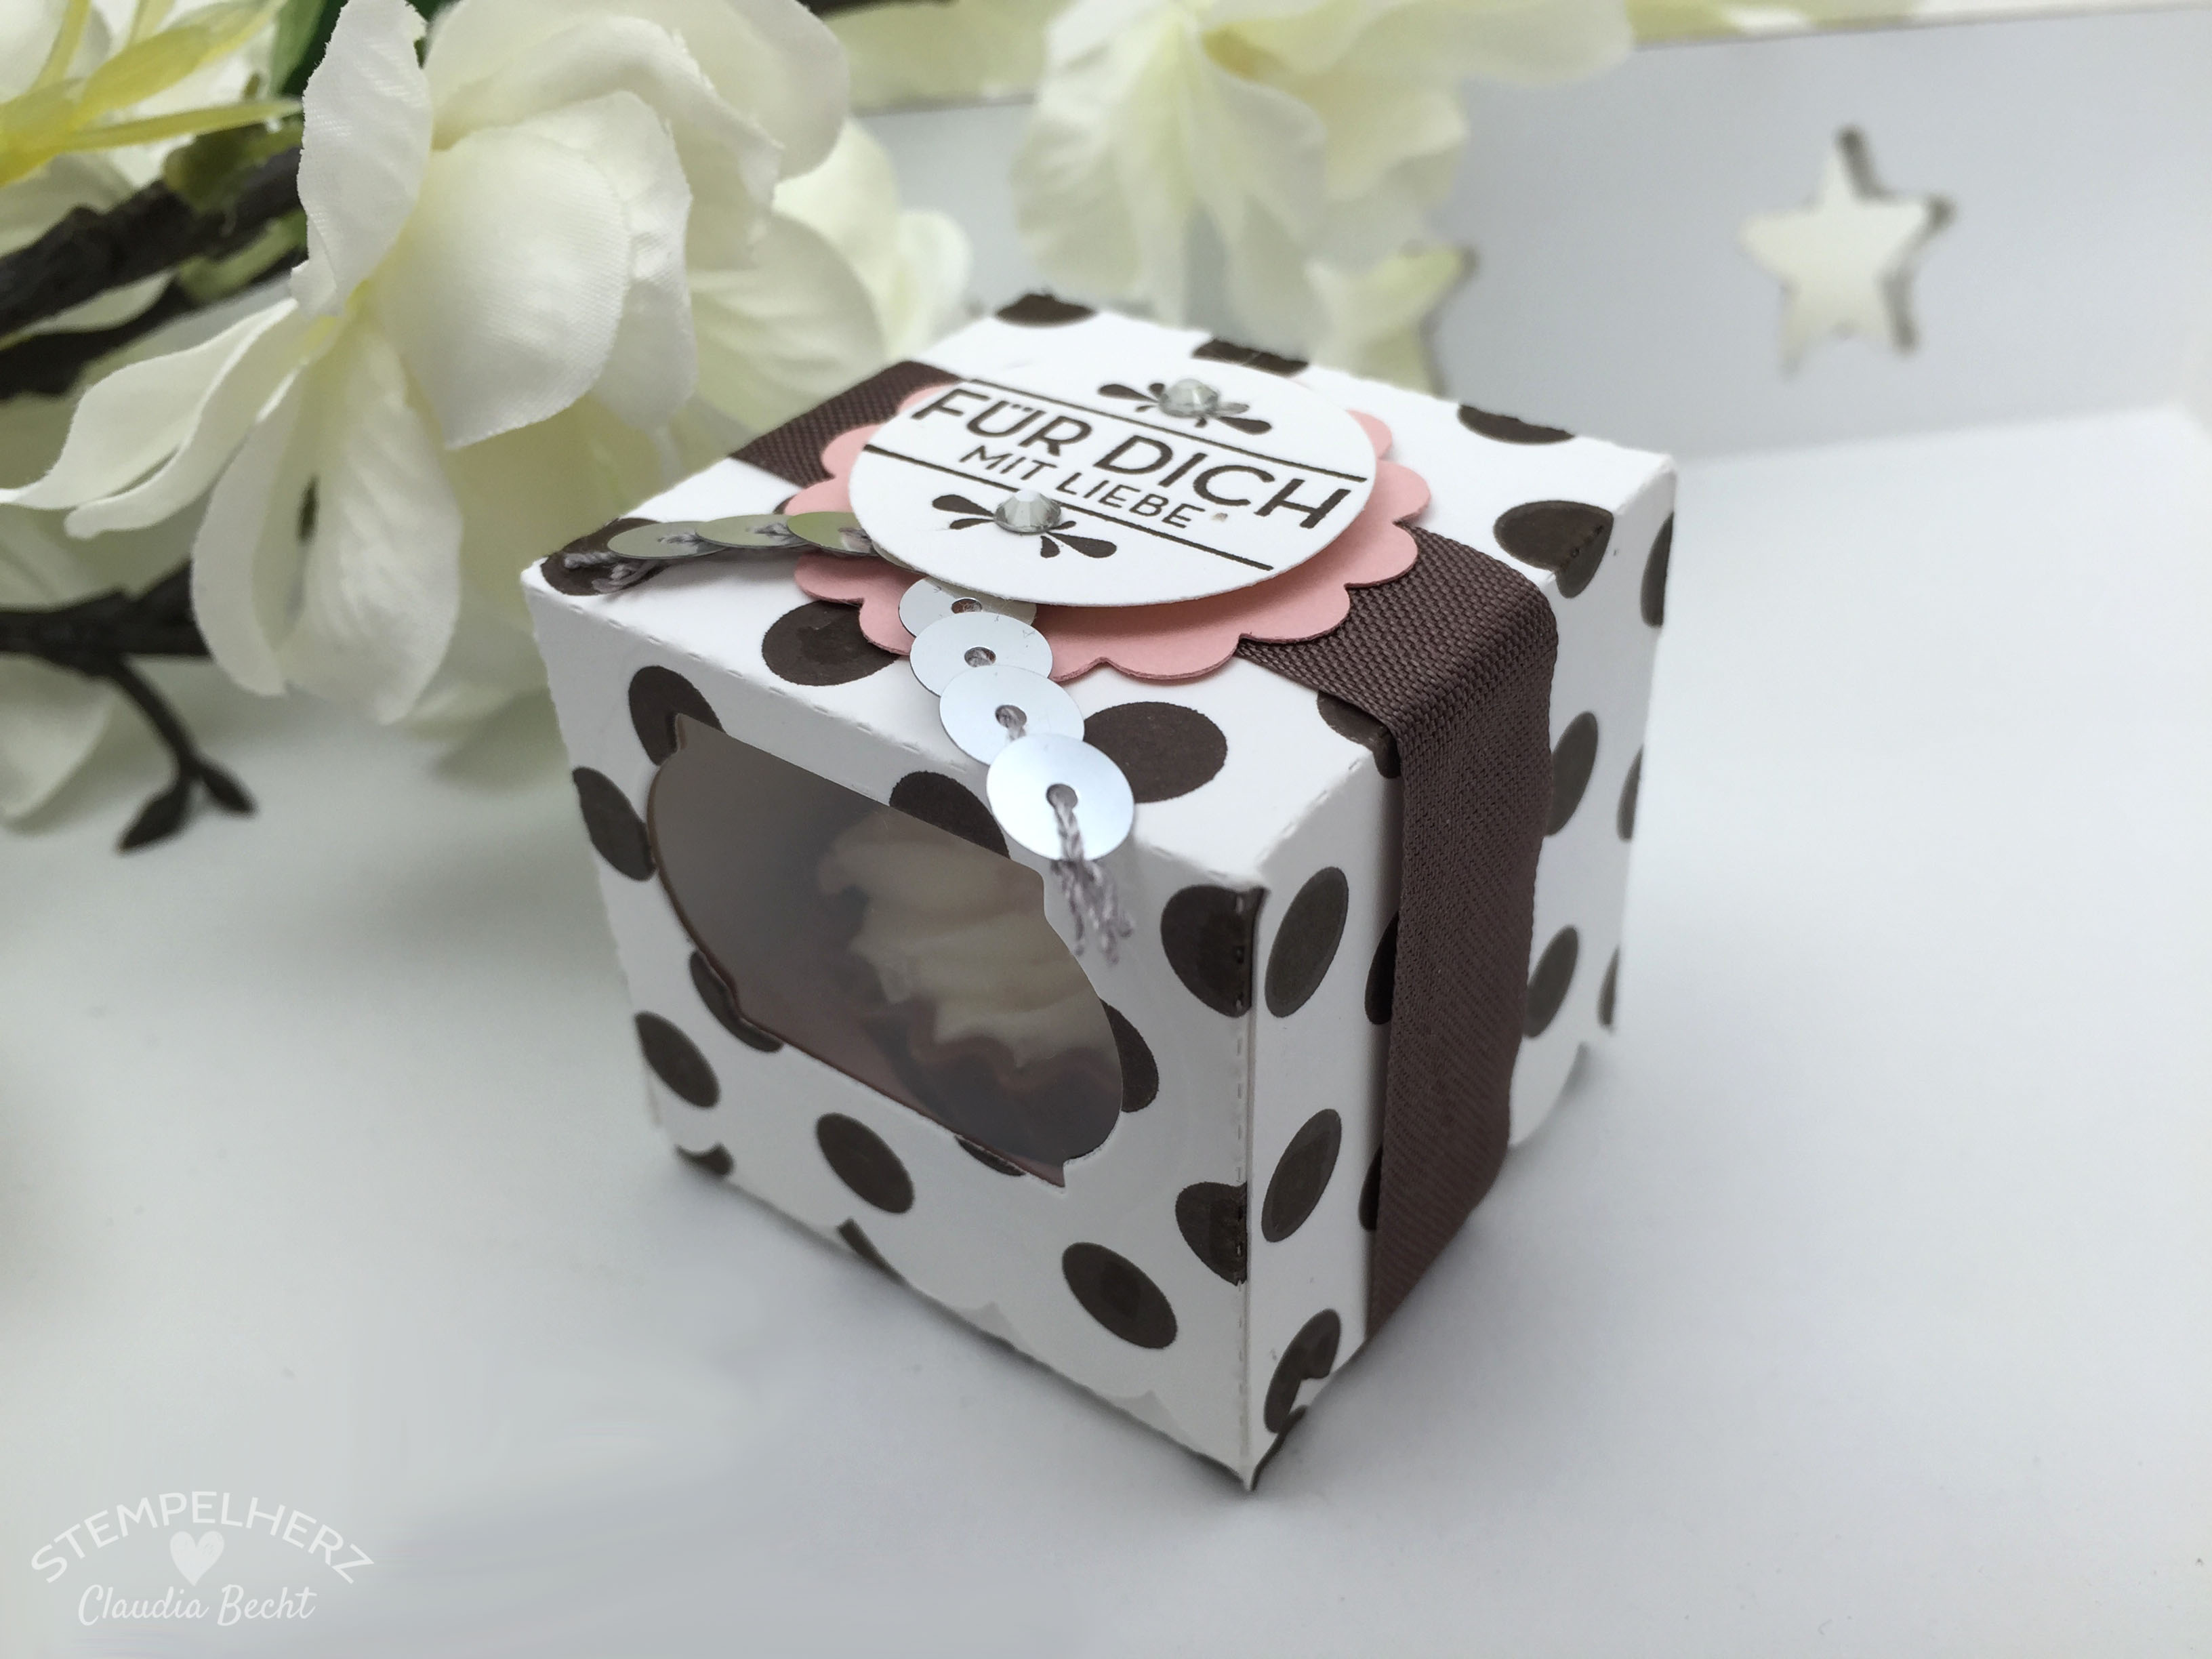 Stampin Up-Stempelherz-Verpackung-Box-Cupcakeverpackung-Cupcake-Hausgemachte Leckerbissen-Pralinenschachtel-Cupcakepralinen-Verpackung 04